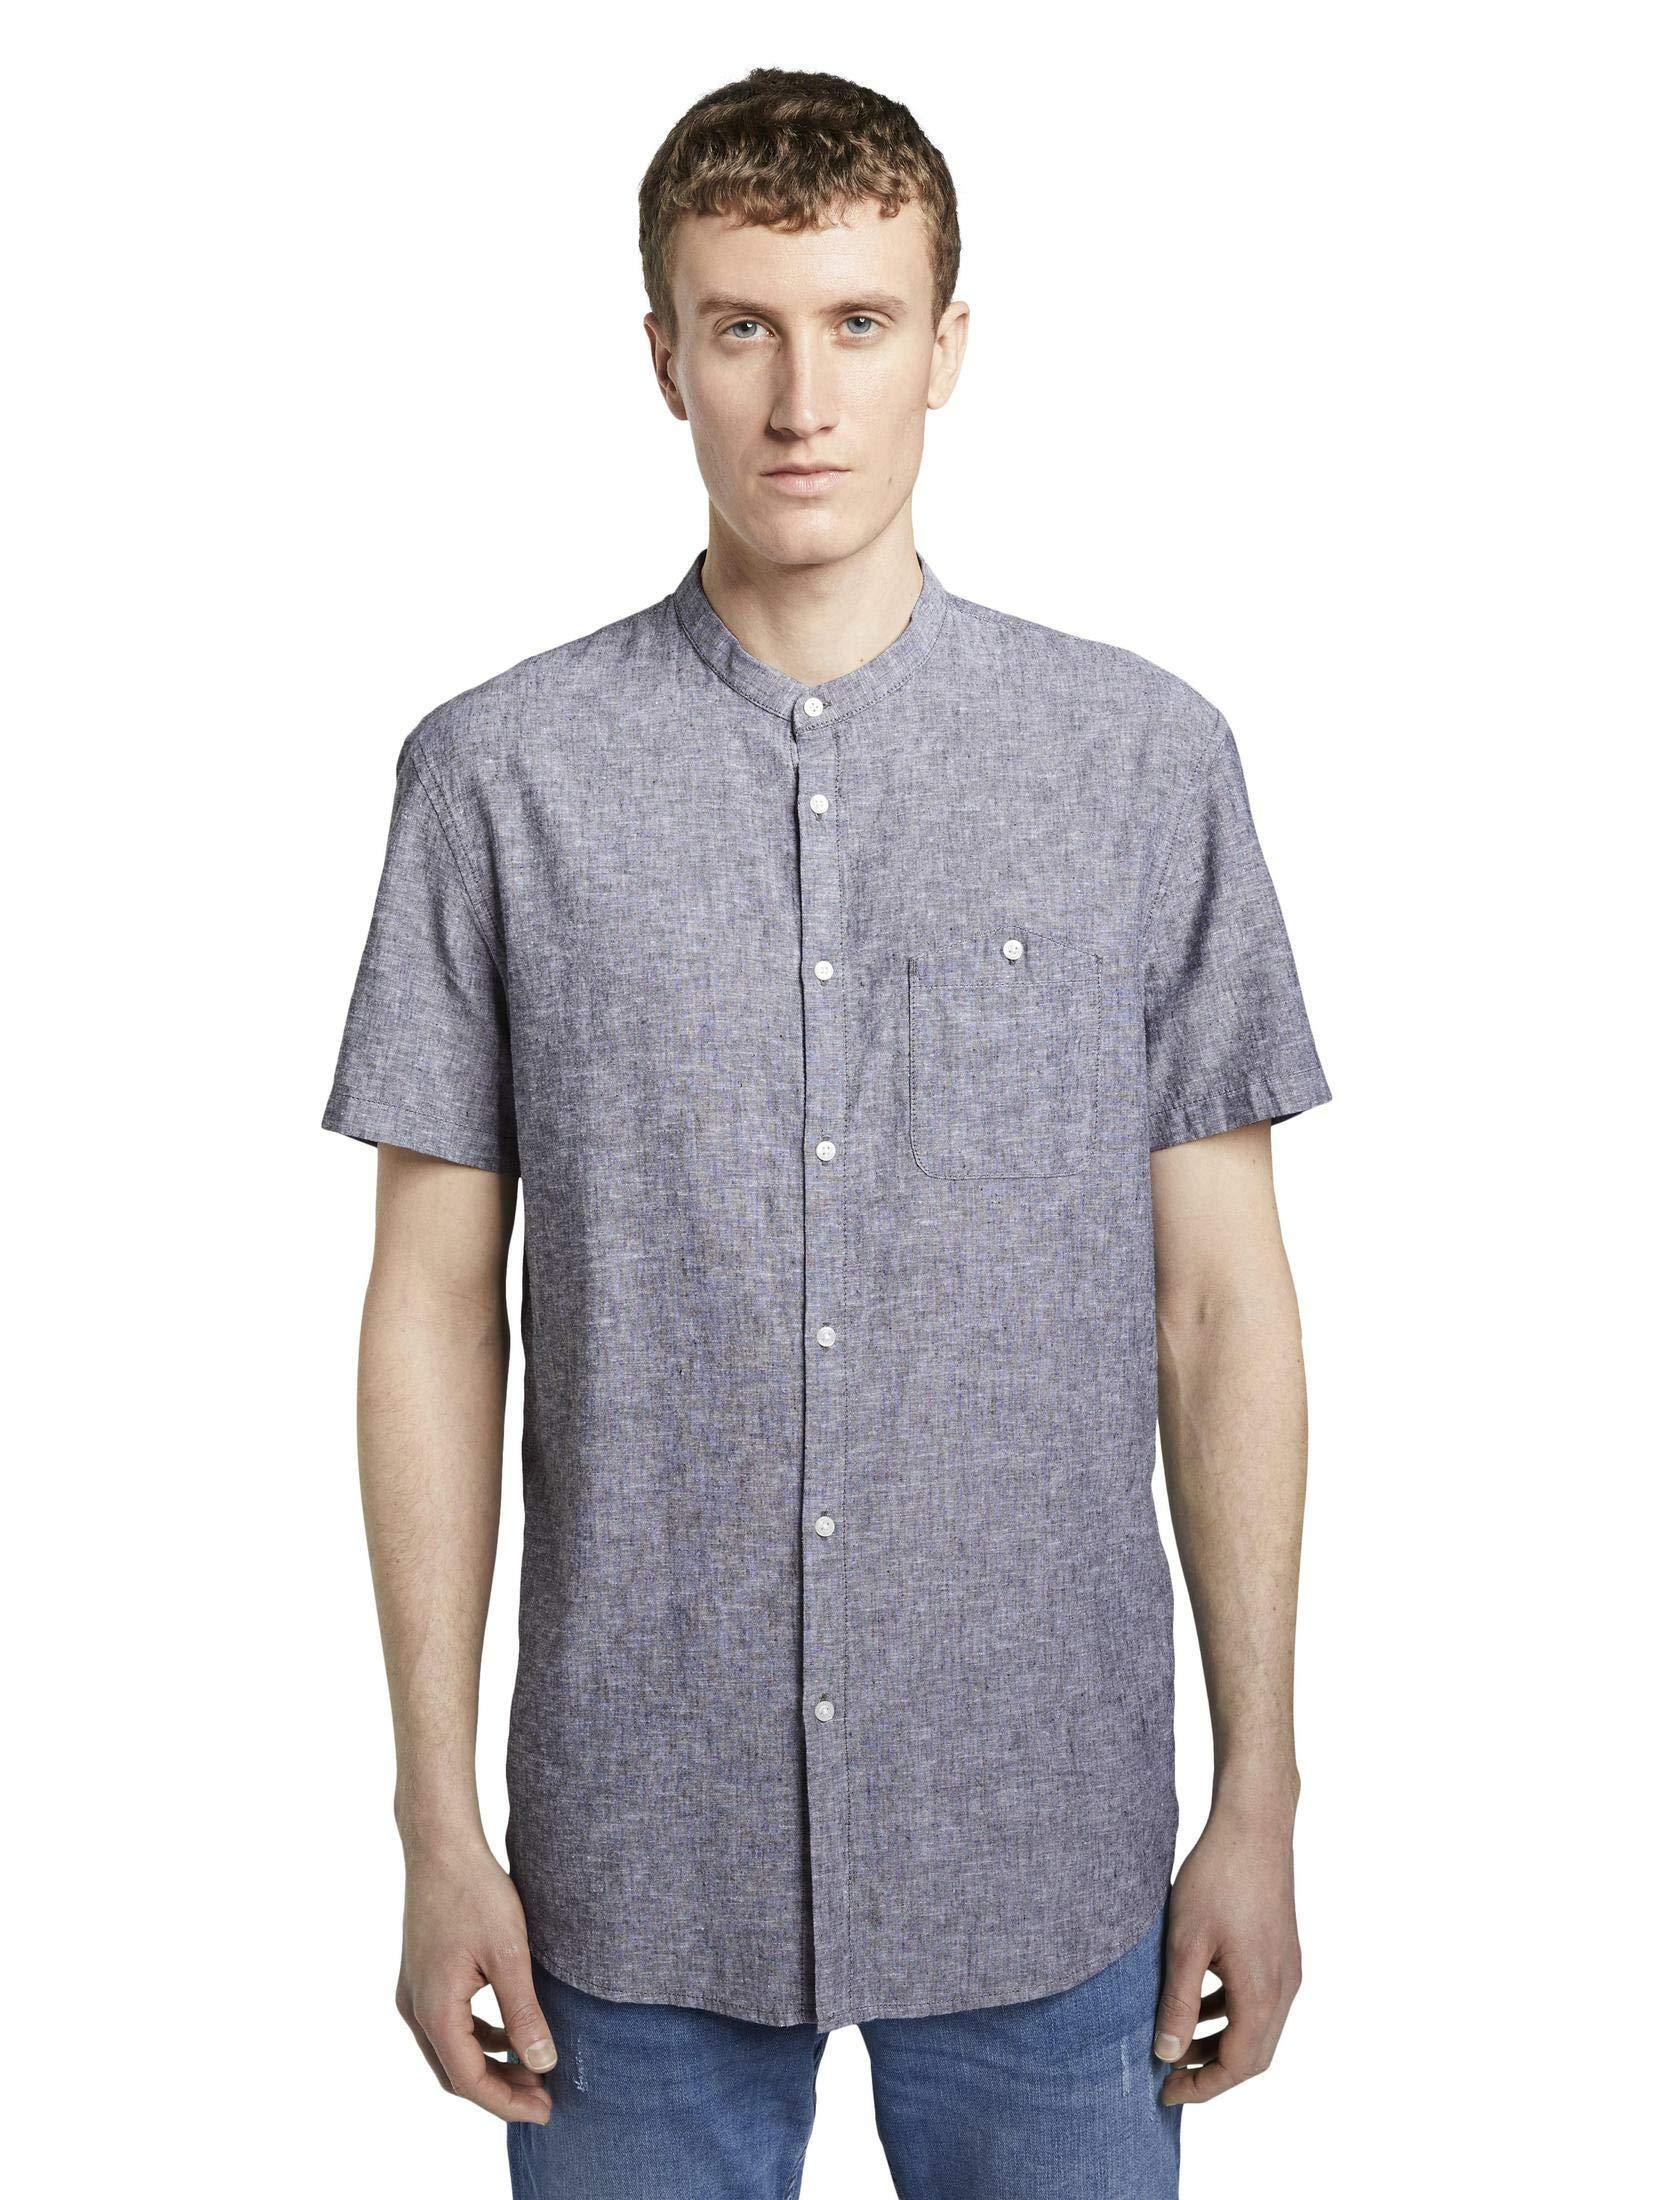 Tom Tailor Kurzarm Freizeithemd in schwarz günstig kaufen